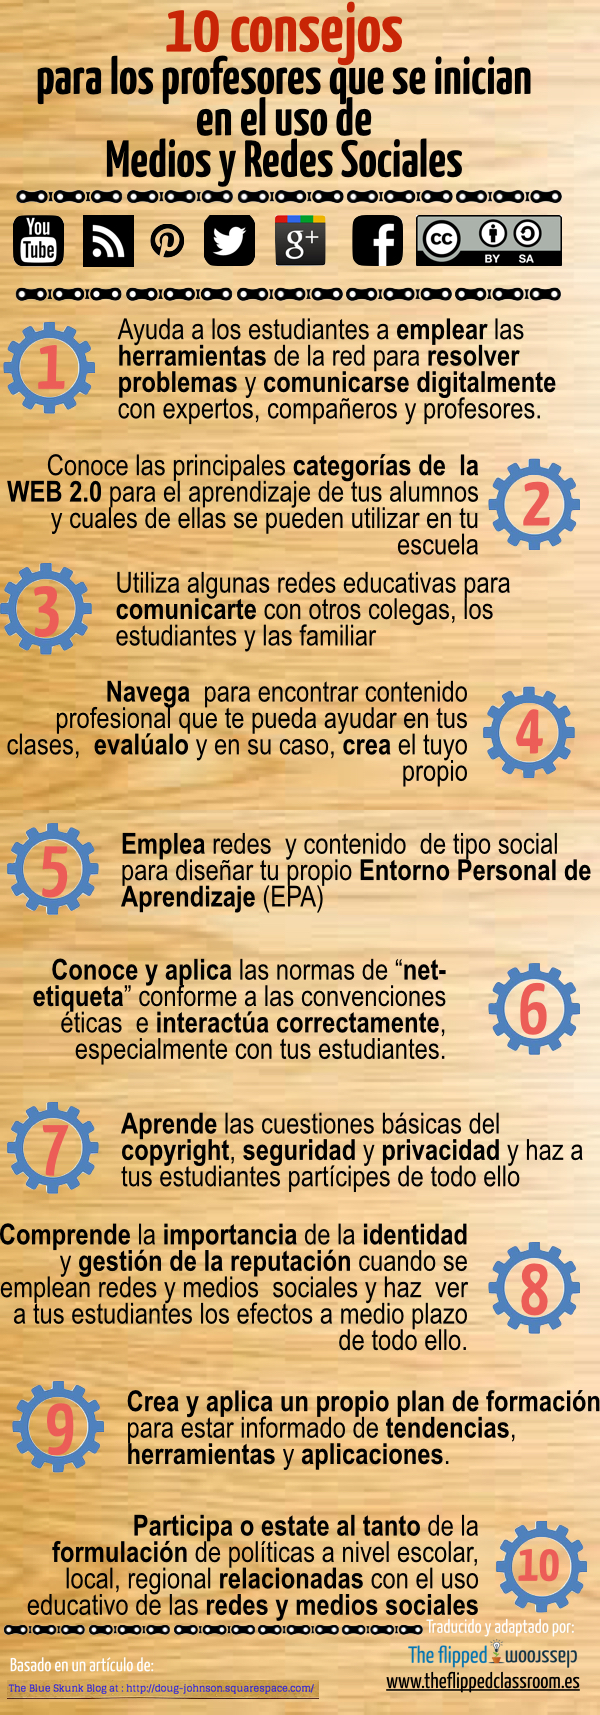 11 consejos para profesores que comienzan en Redes Sociales